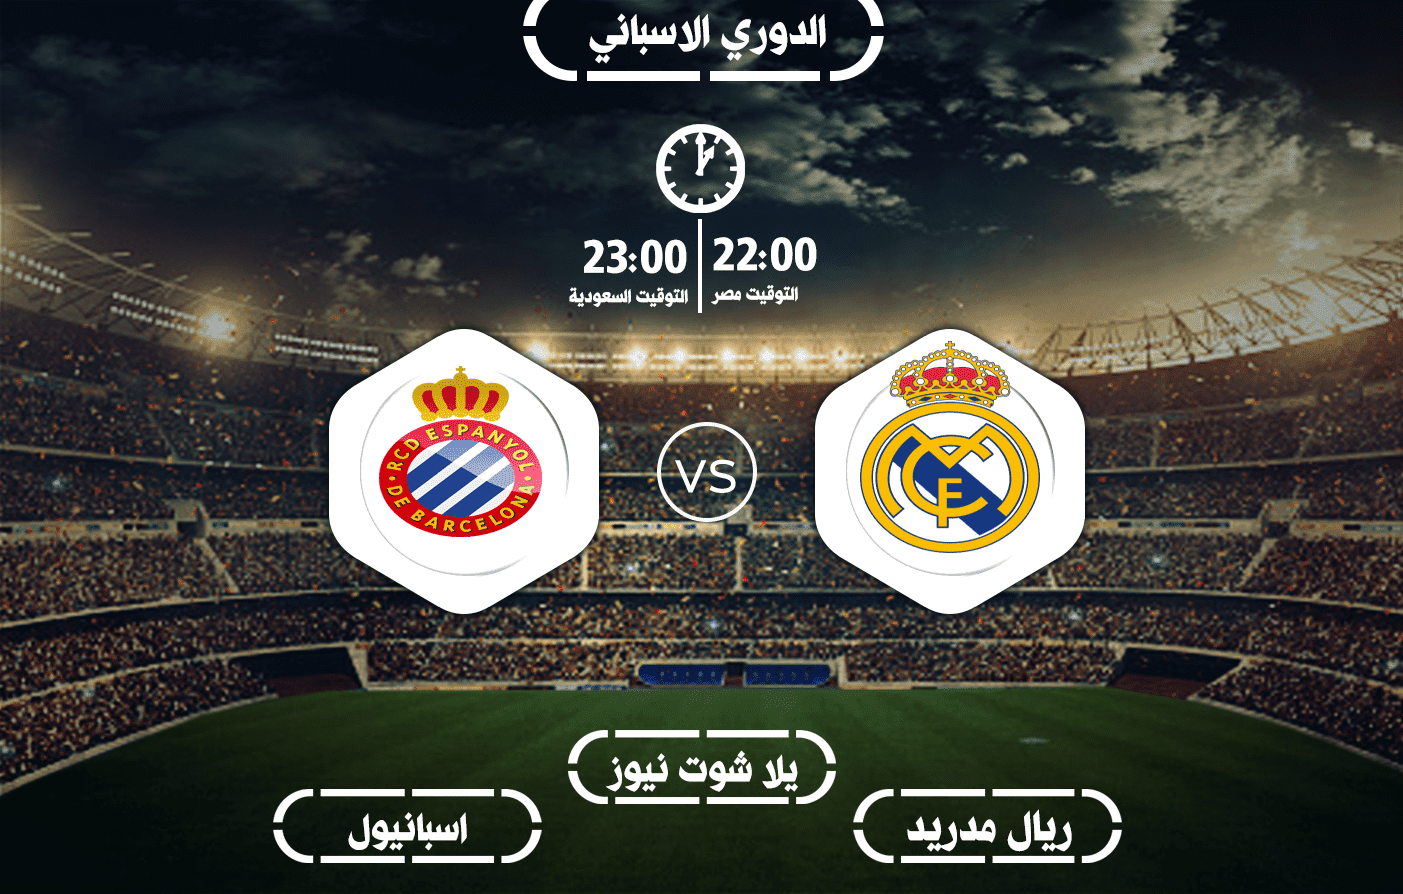 مشاهدة مباراة ريال مدريد واسبانيول بث مباشر 28-6-2020